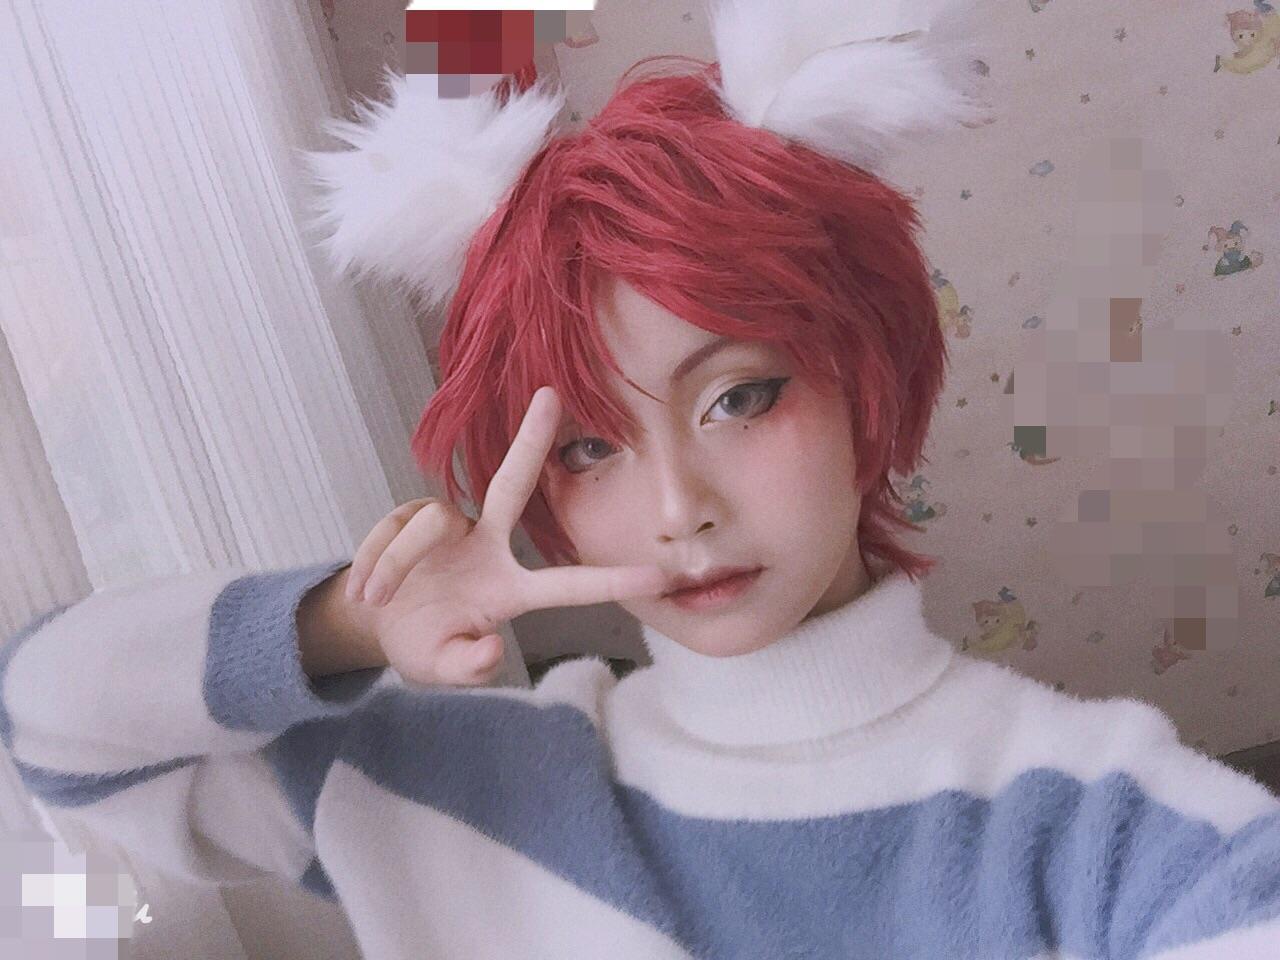 《凹凸世界》雷狮cosplay【CN:白逸...】-第9张